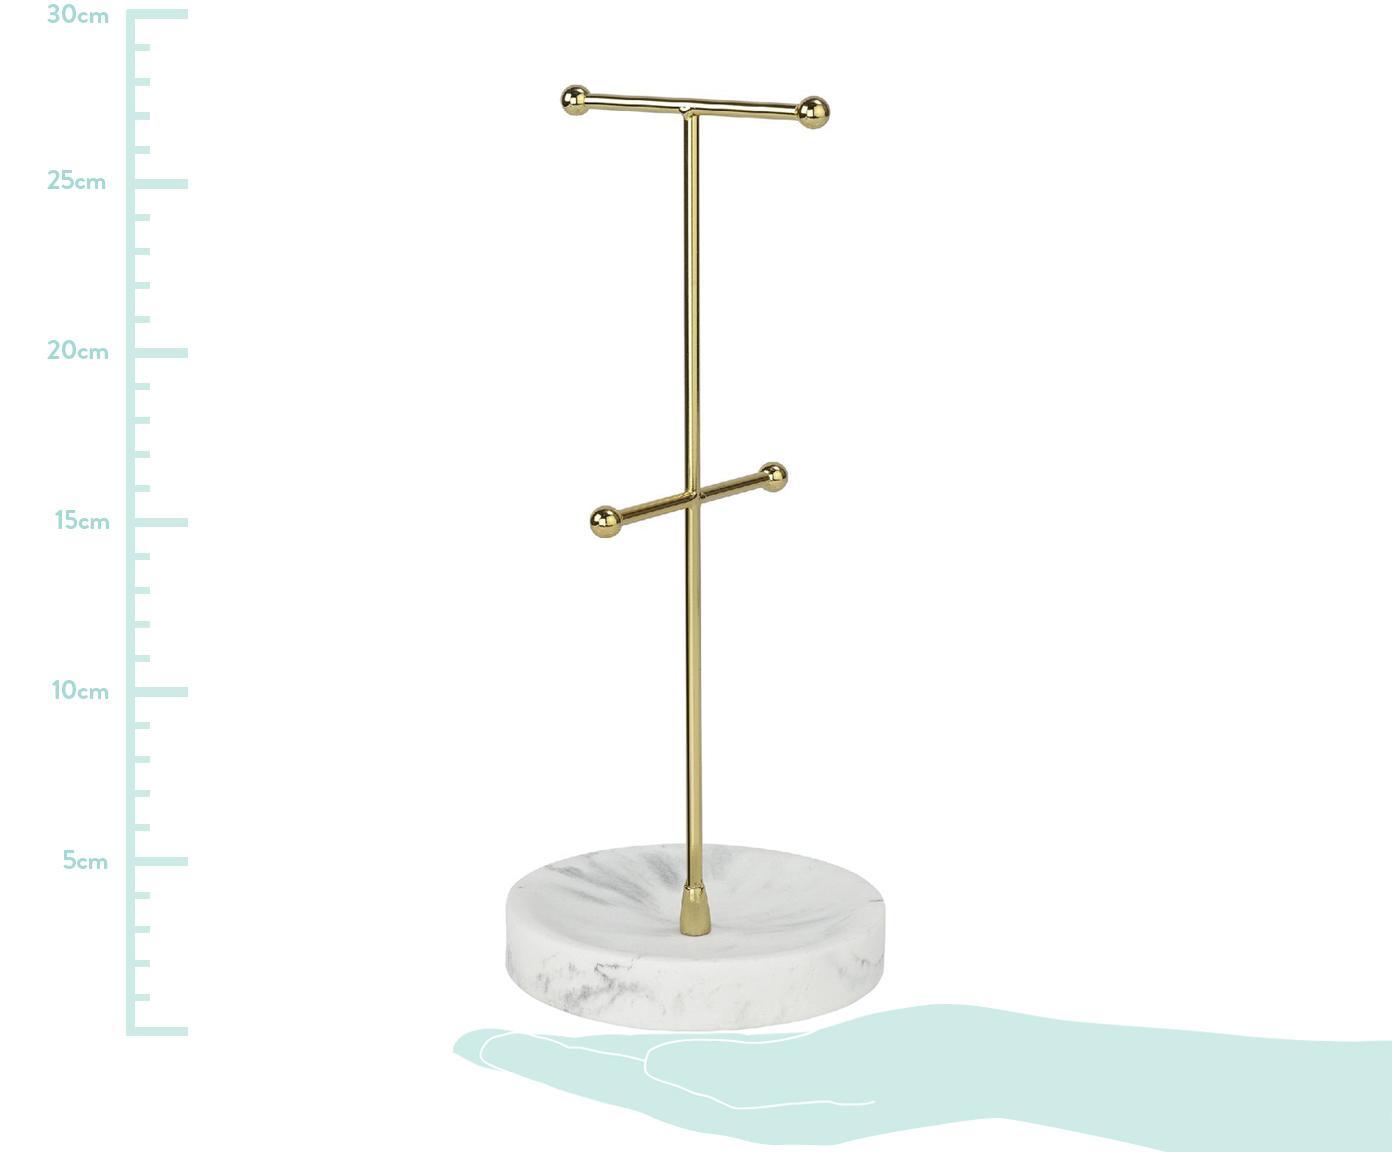 Schmuckhalter Lux, Sockel: Polyresin, Stange: Metall, beschichtet, Weiß, Messingfarben, Ø 12 x H 28 cm